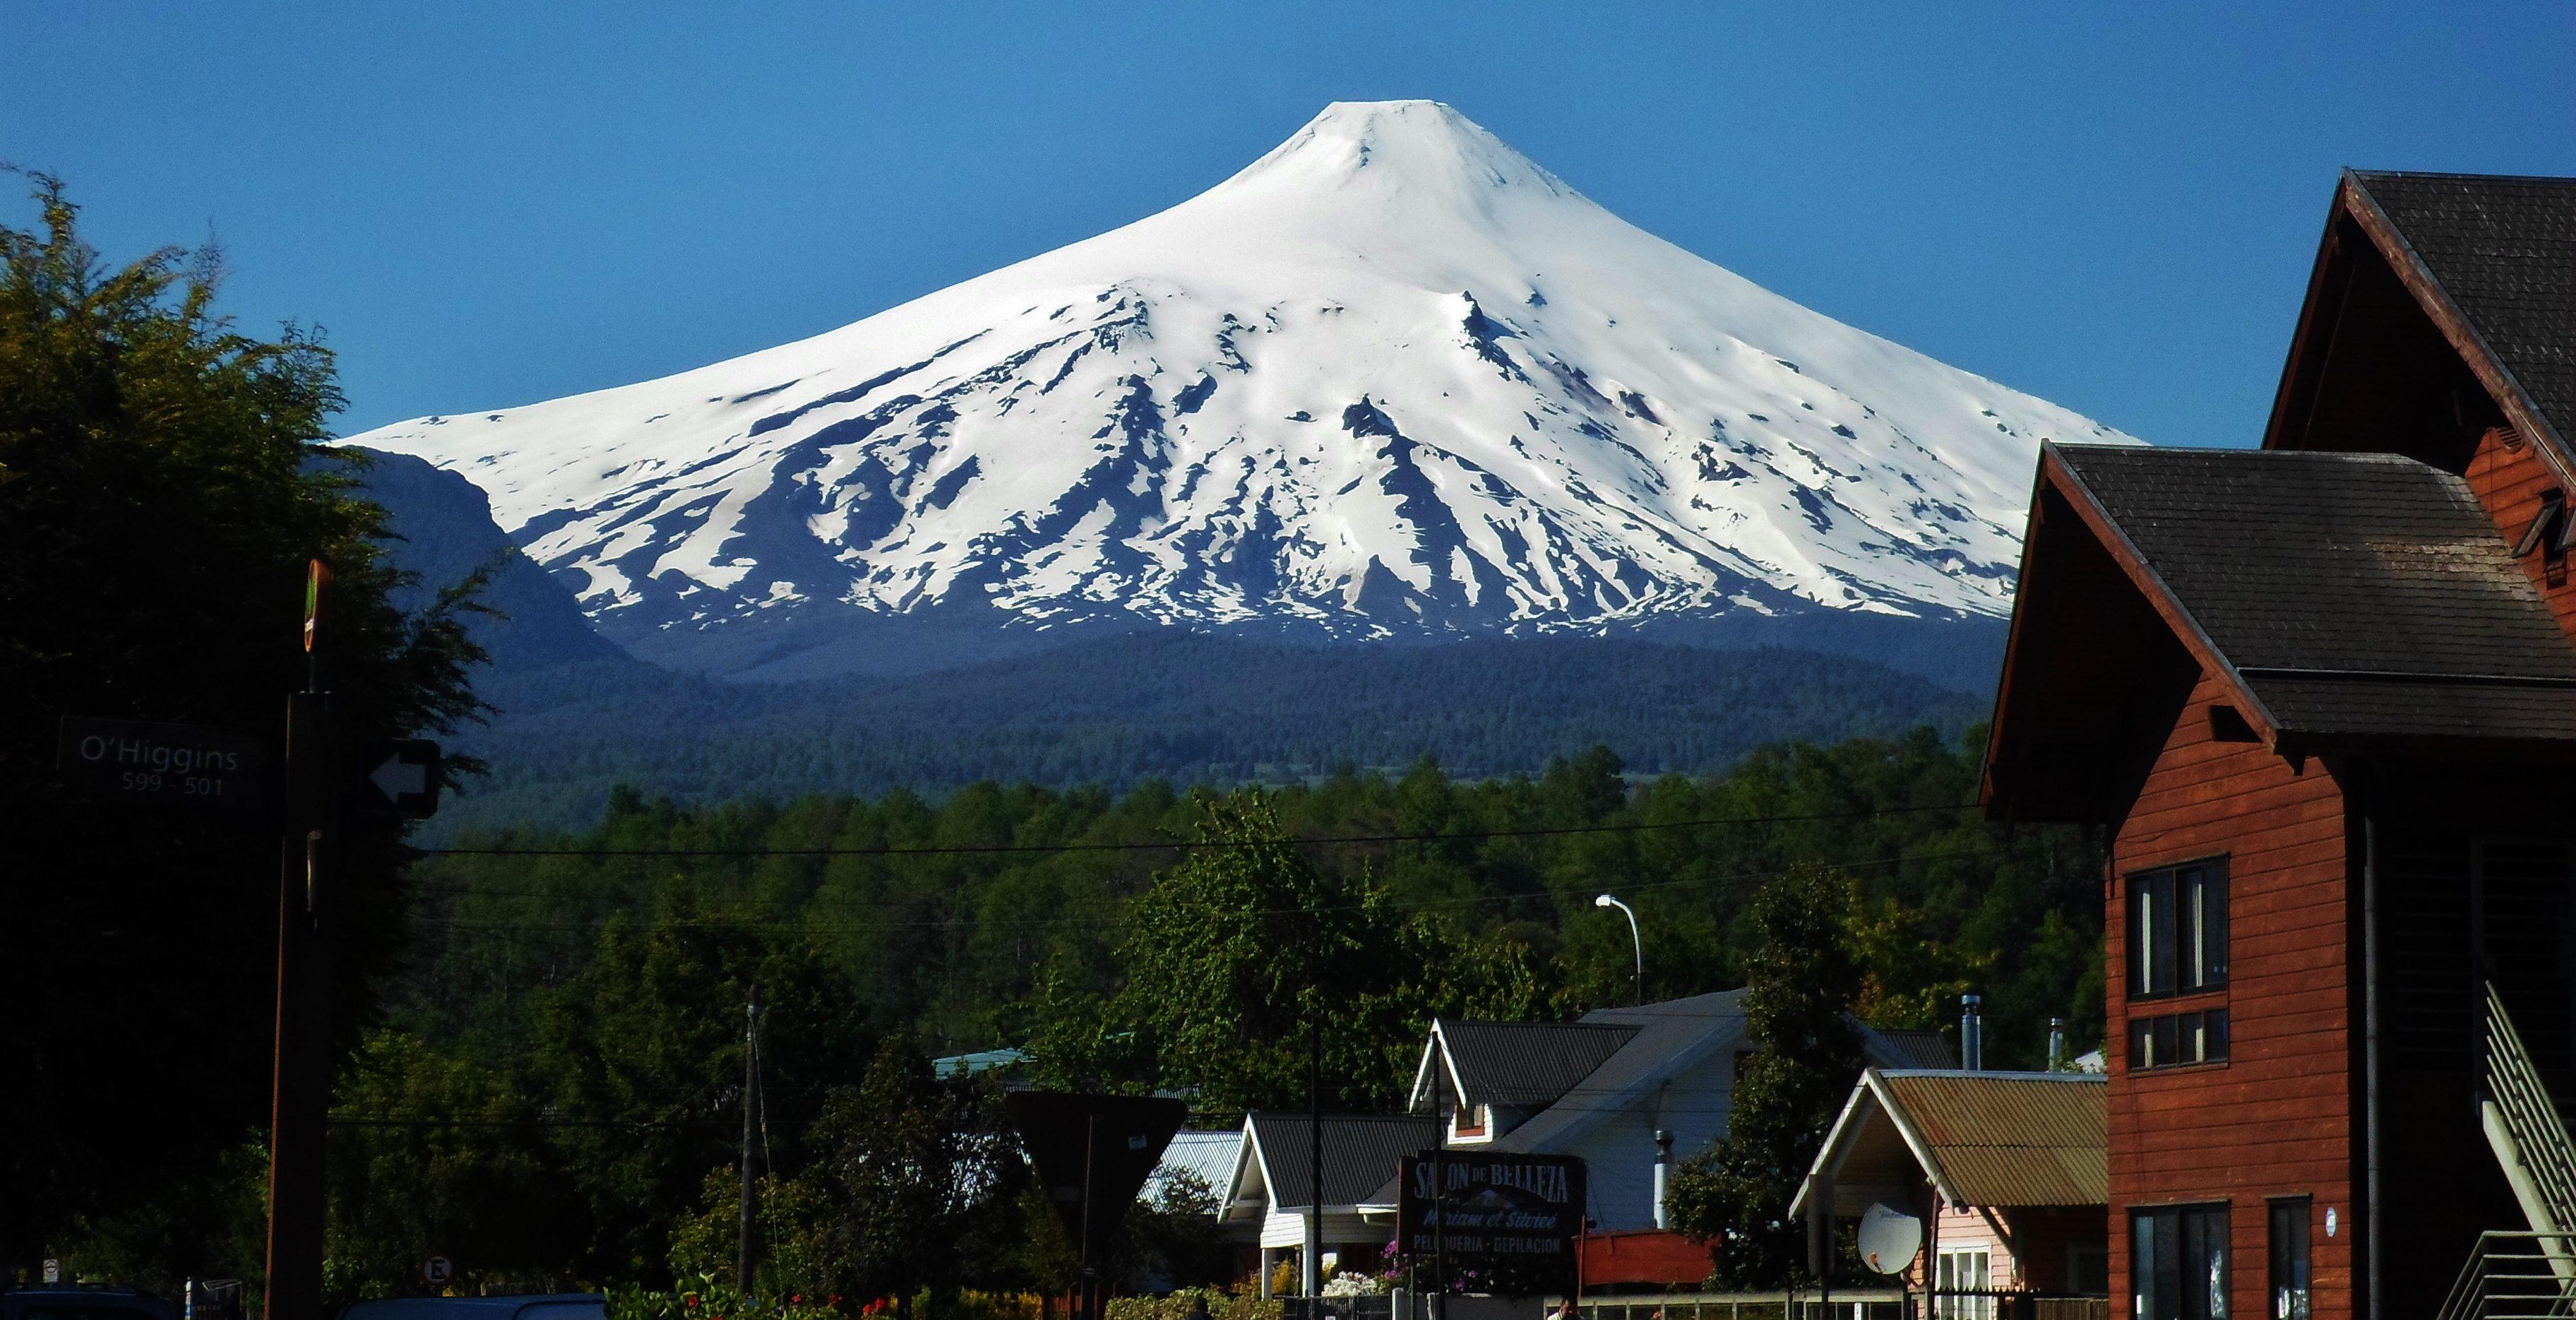 Pontos Turísticos do Chile: 3 Lugares Para Ver a Neve